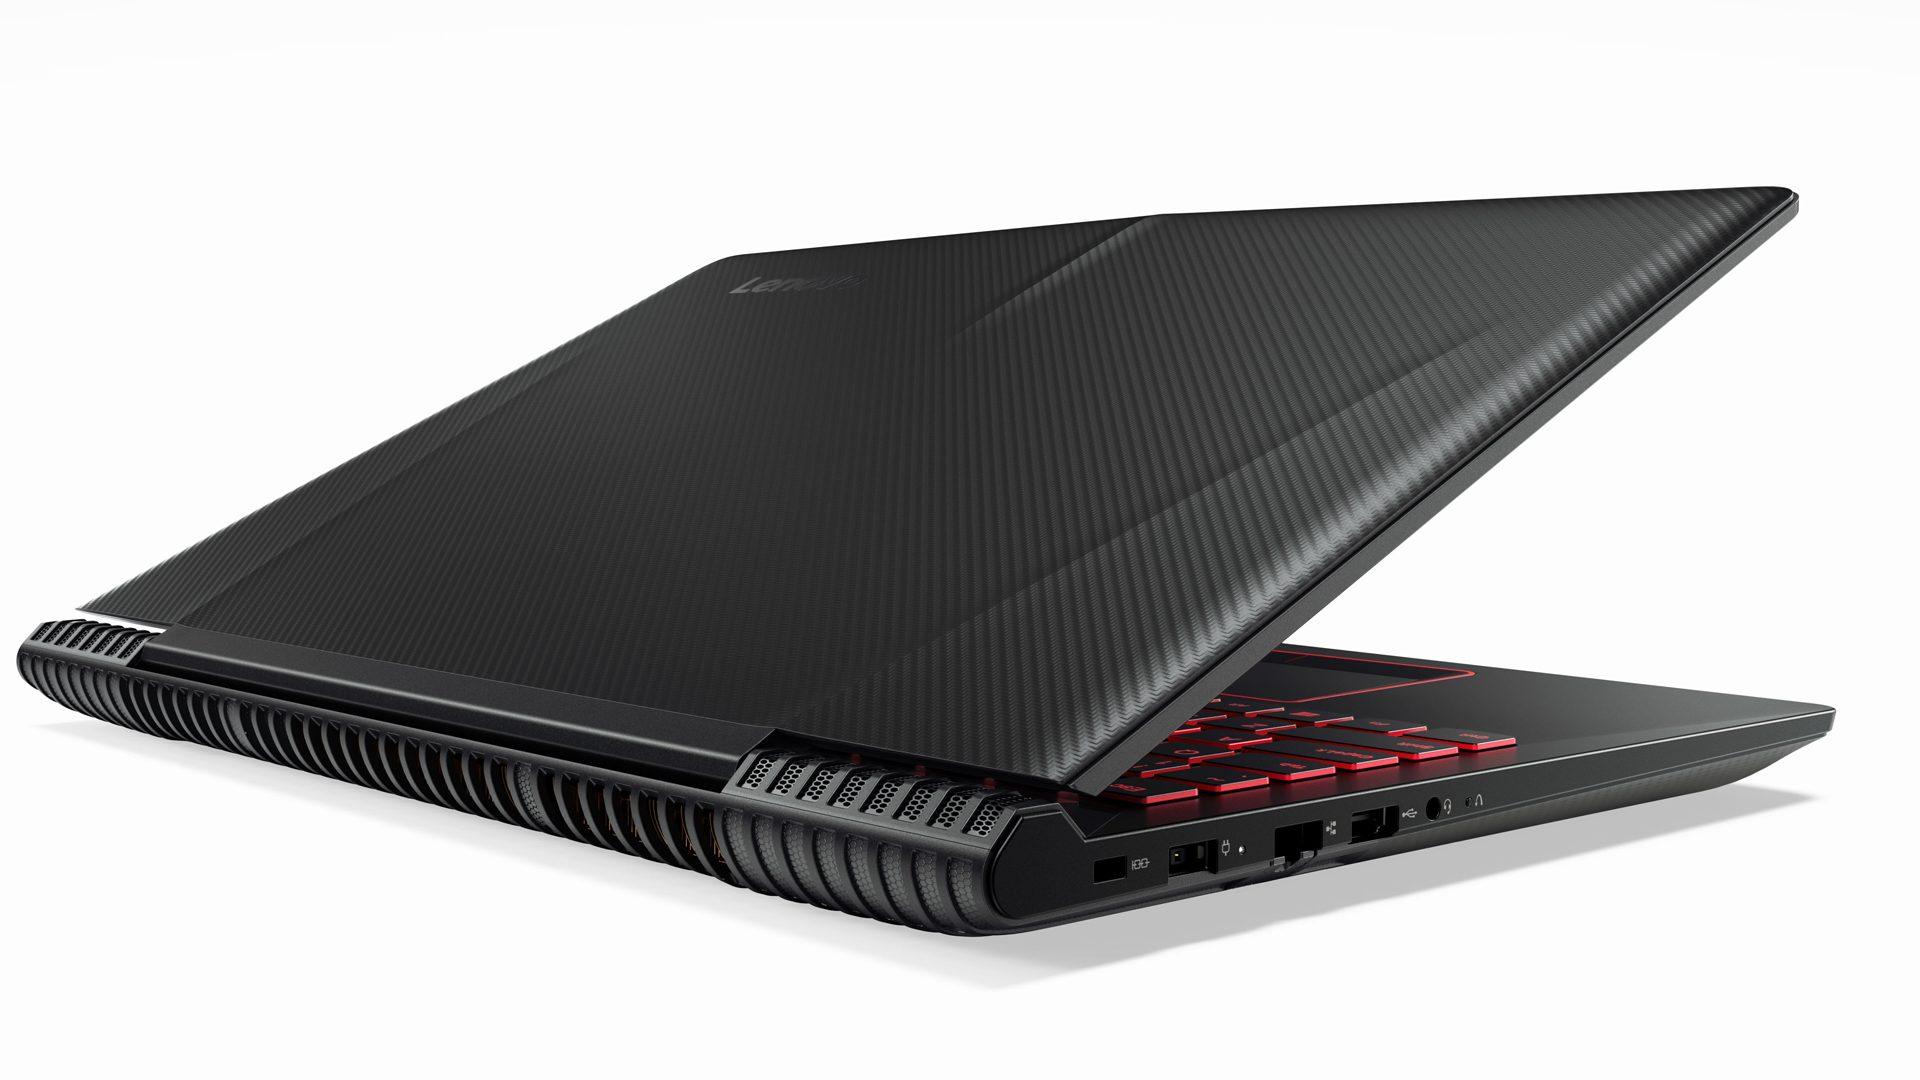 Lenovo y520-15ikba Ansichten_3